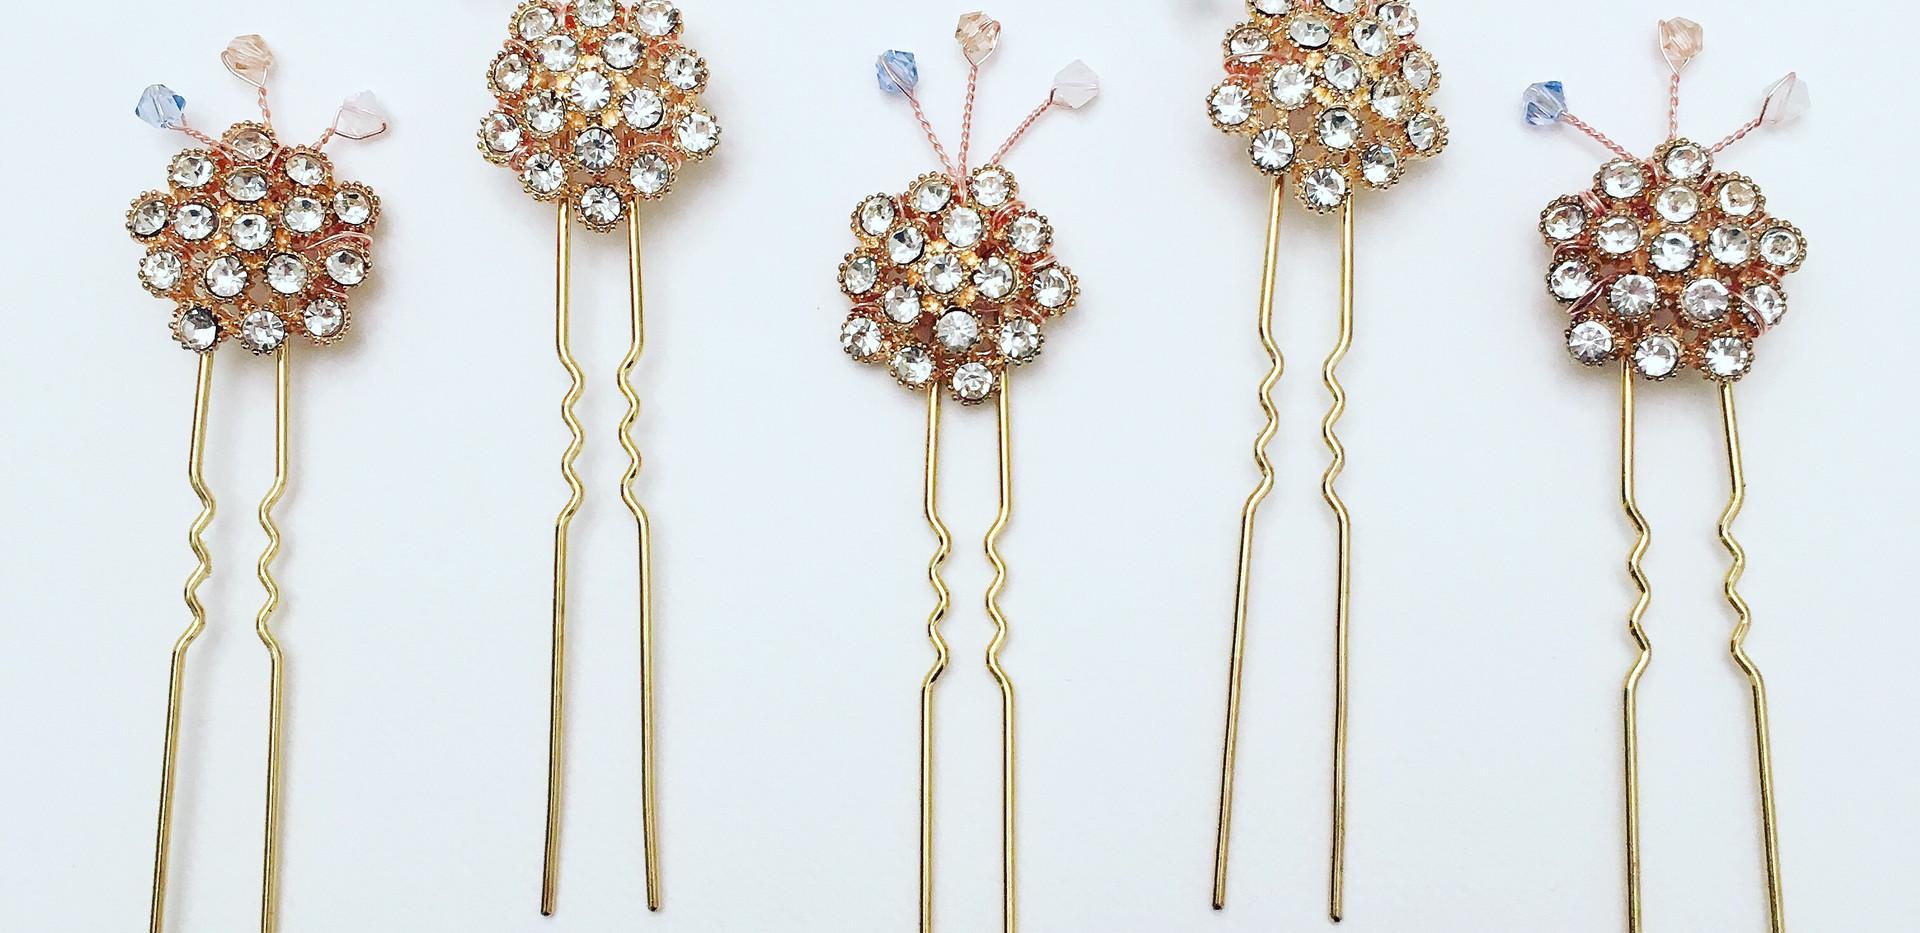 Gold Hair Pins